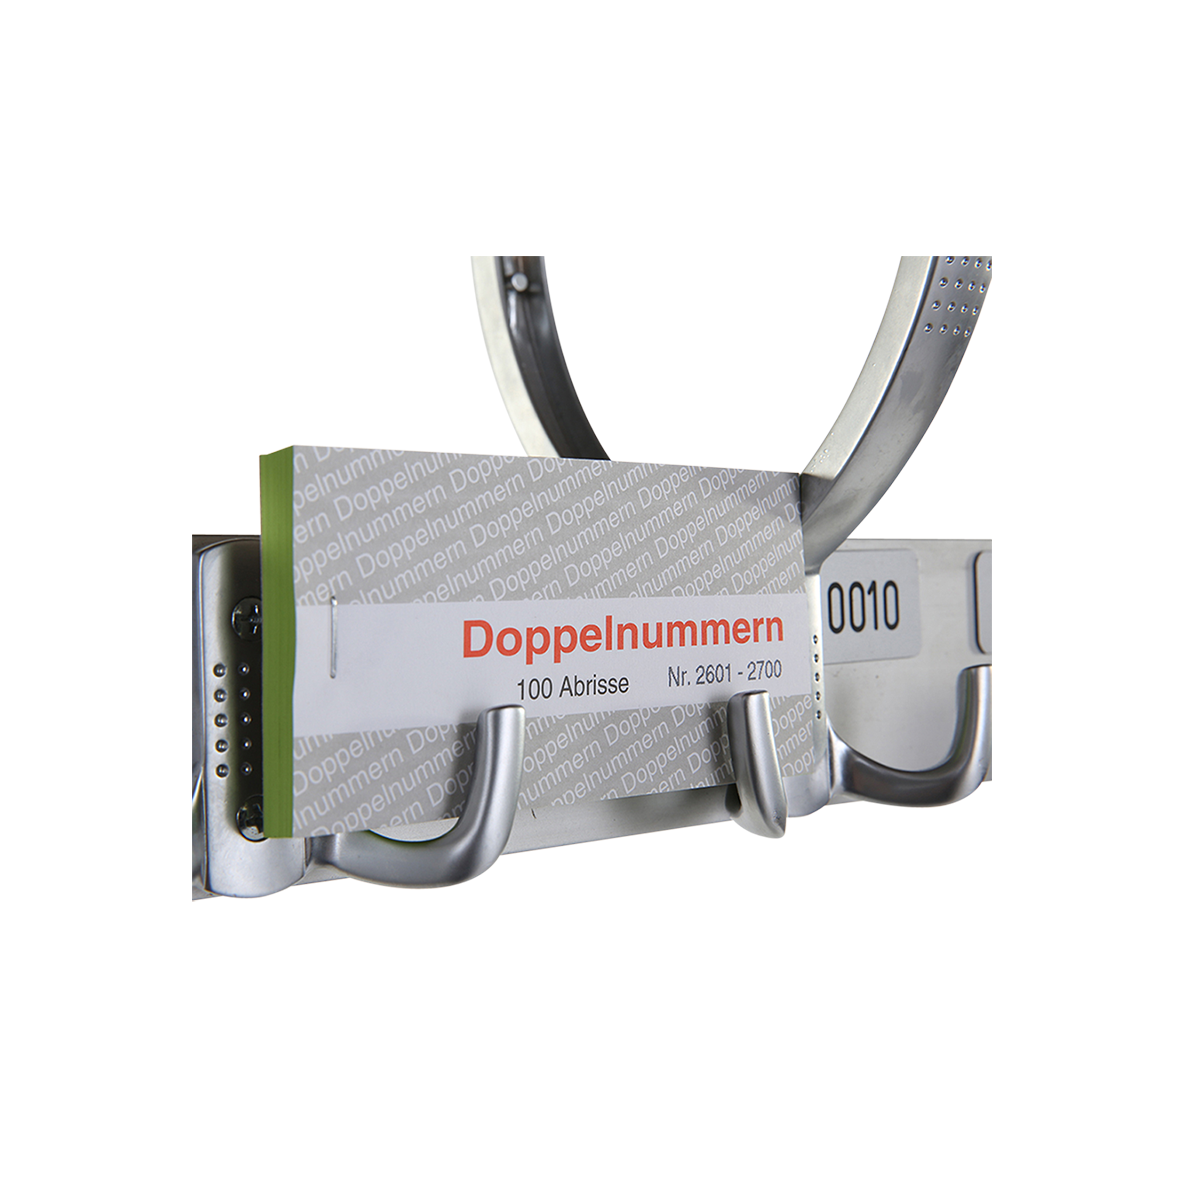 dieeventausstatter Gardrobenmarken Papier 100 Stück auf dem Block